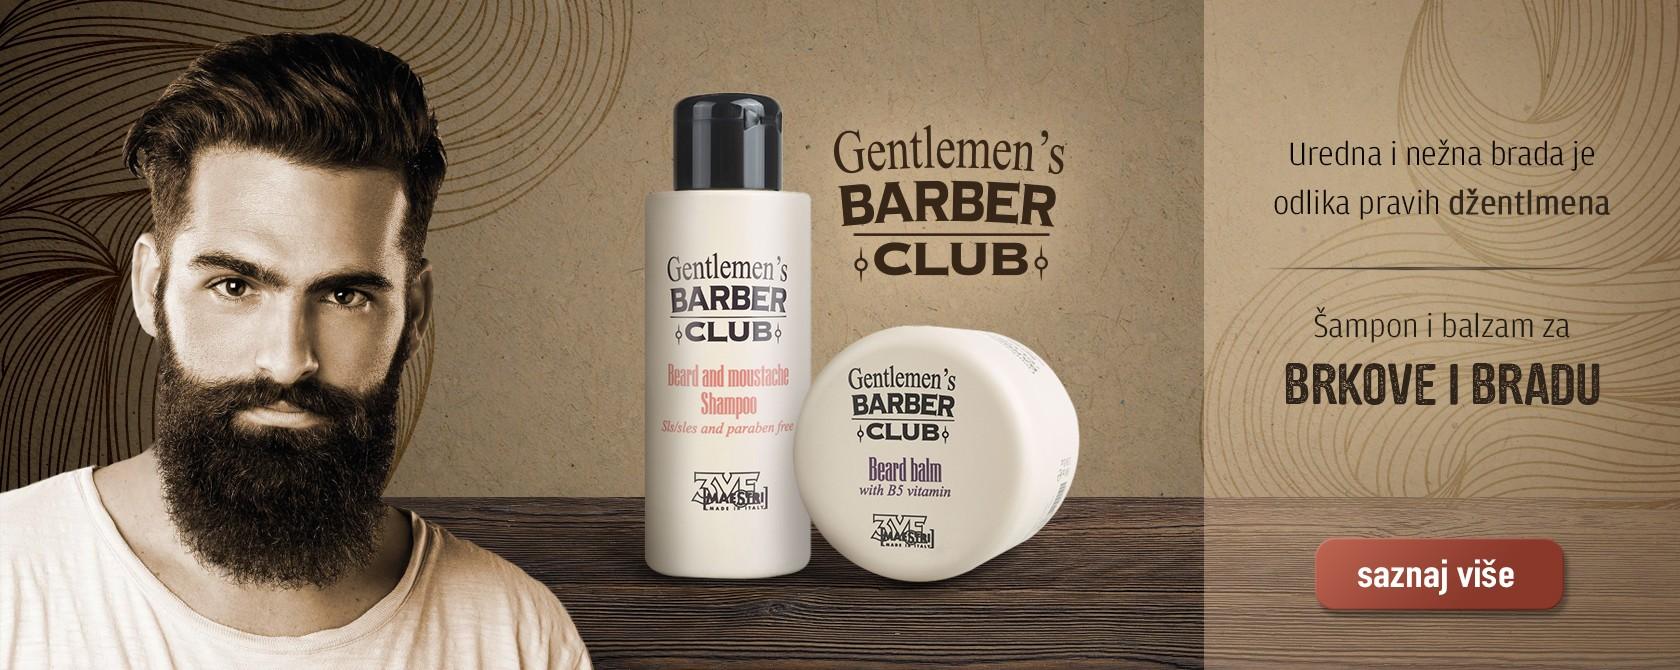 Barber sampon i balzam